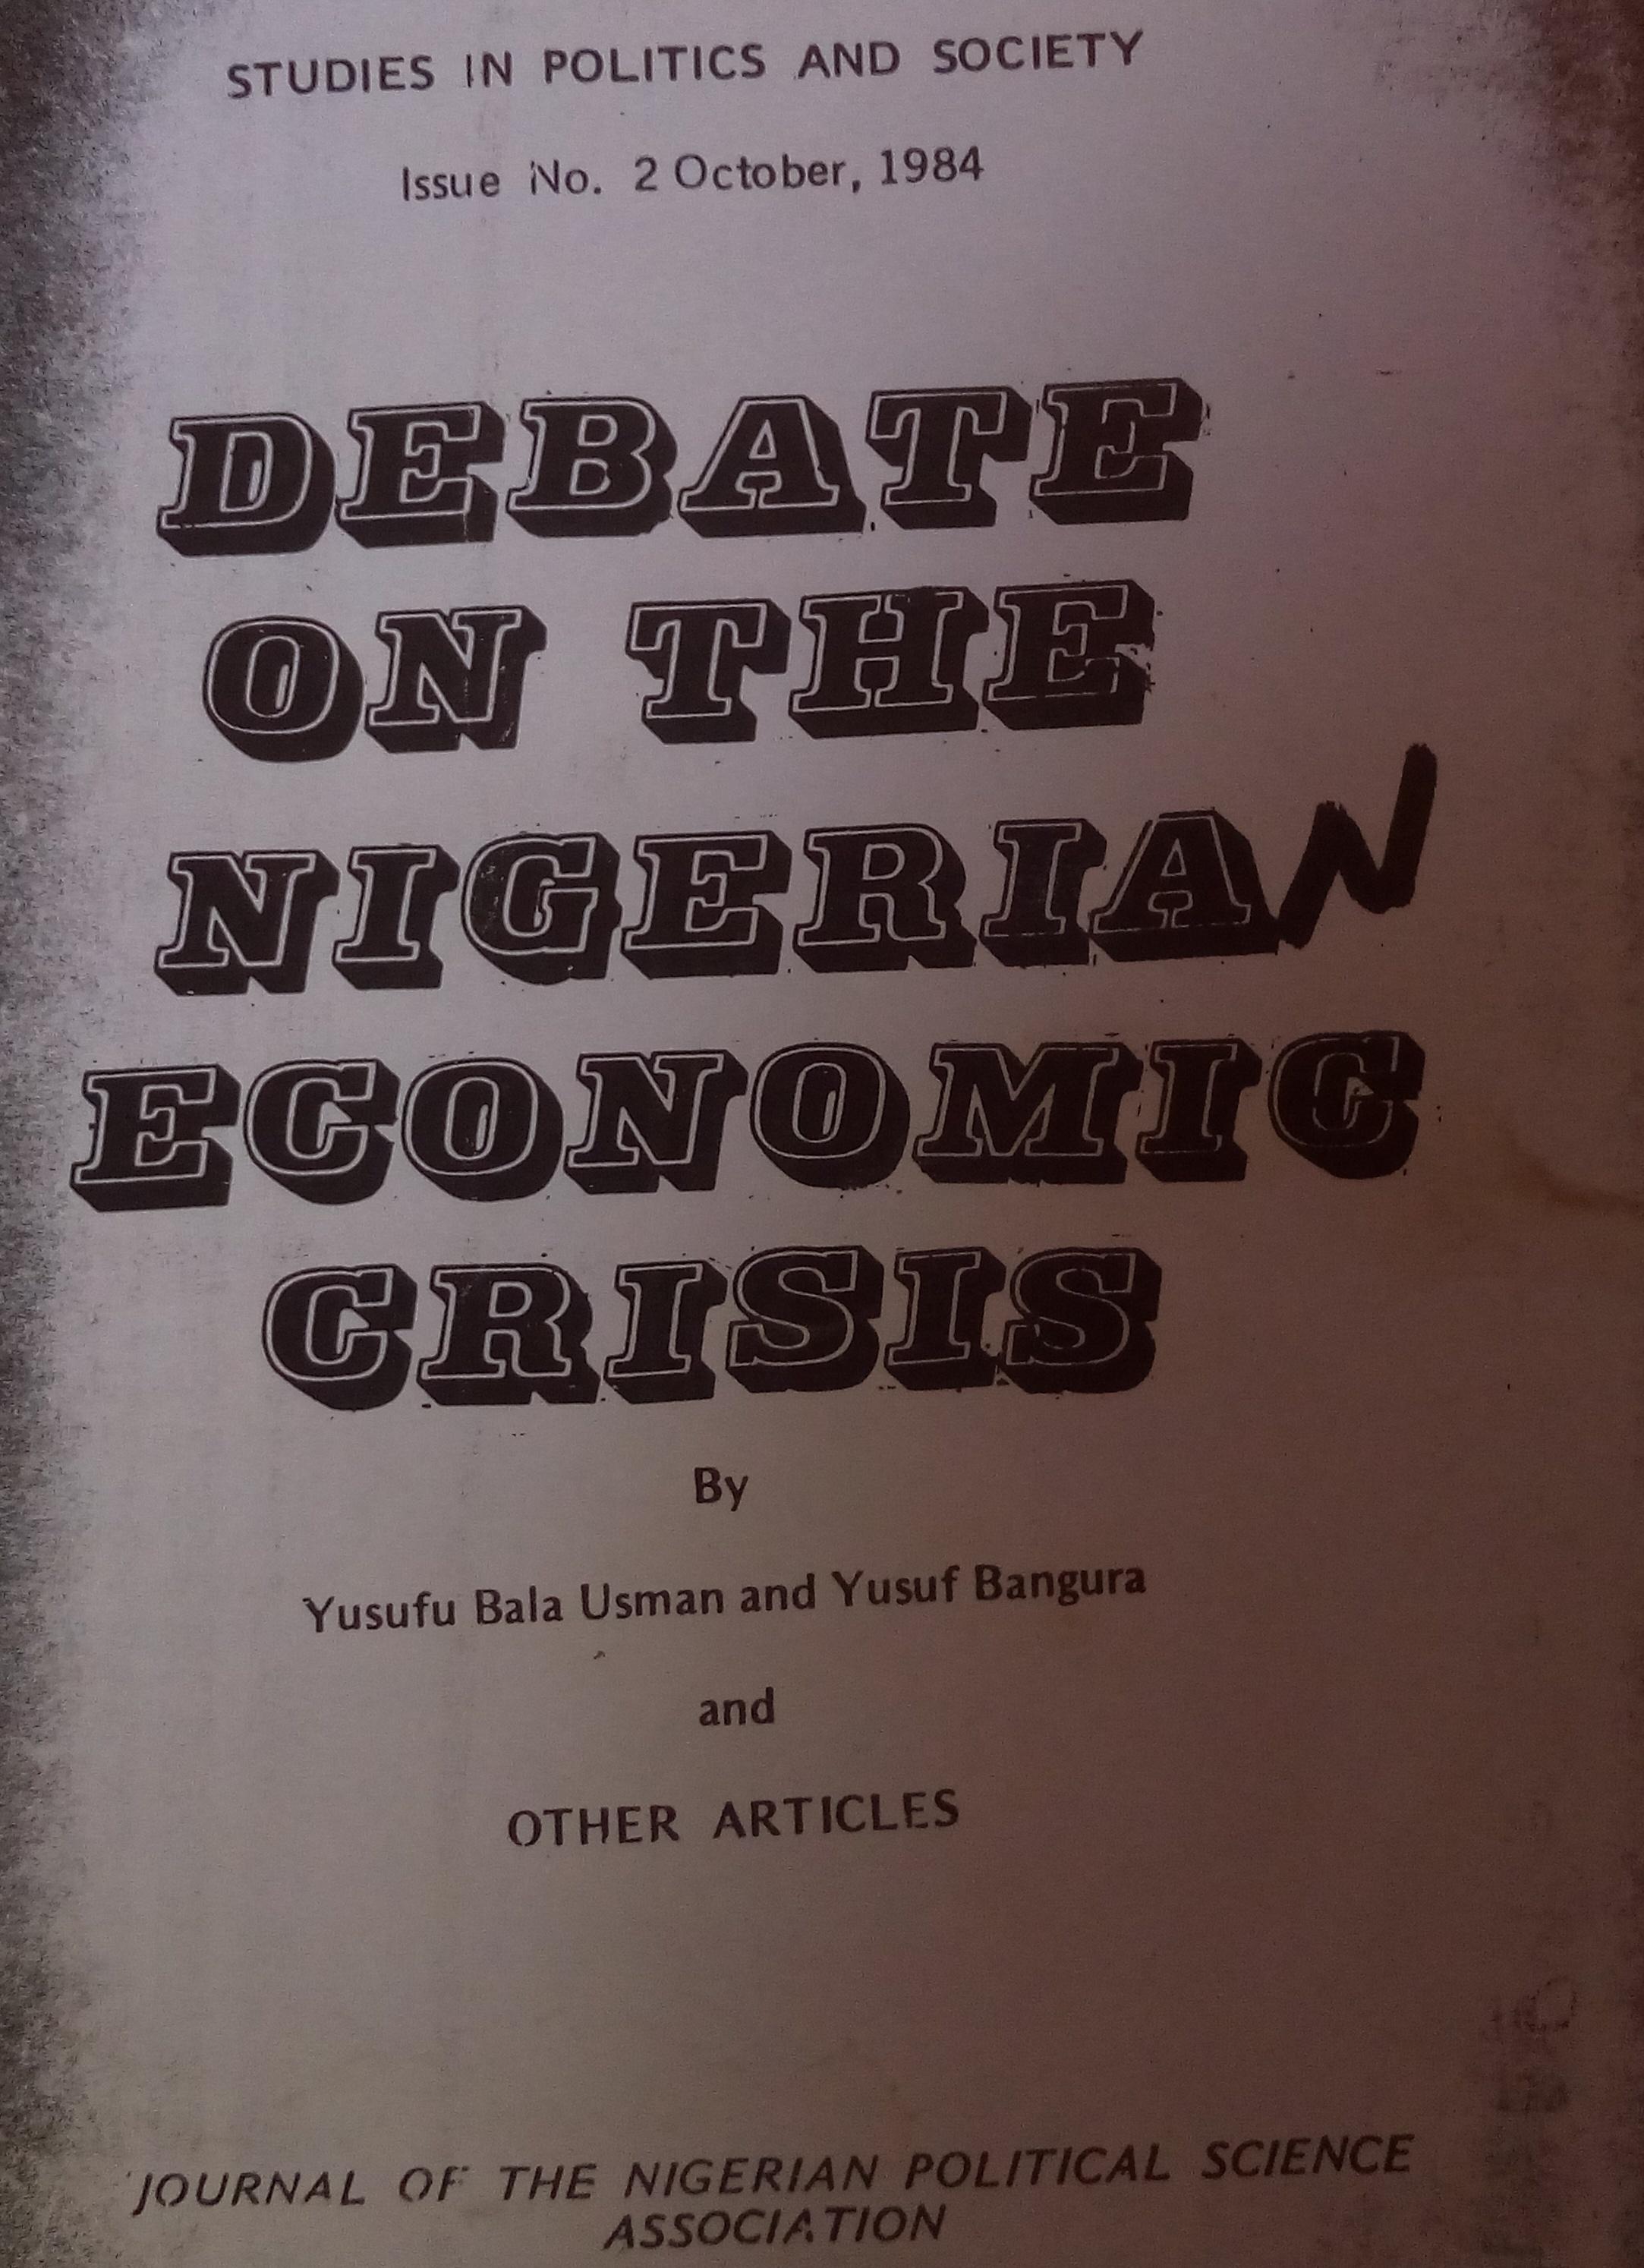 Yusuf Bangura On Yusuf Bala Usman